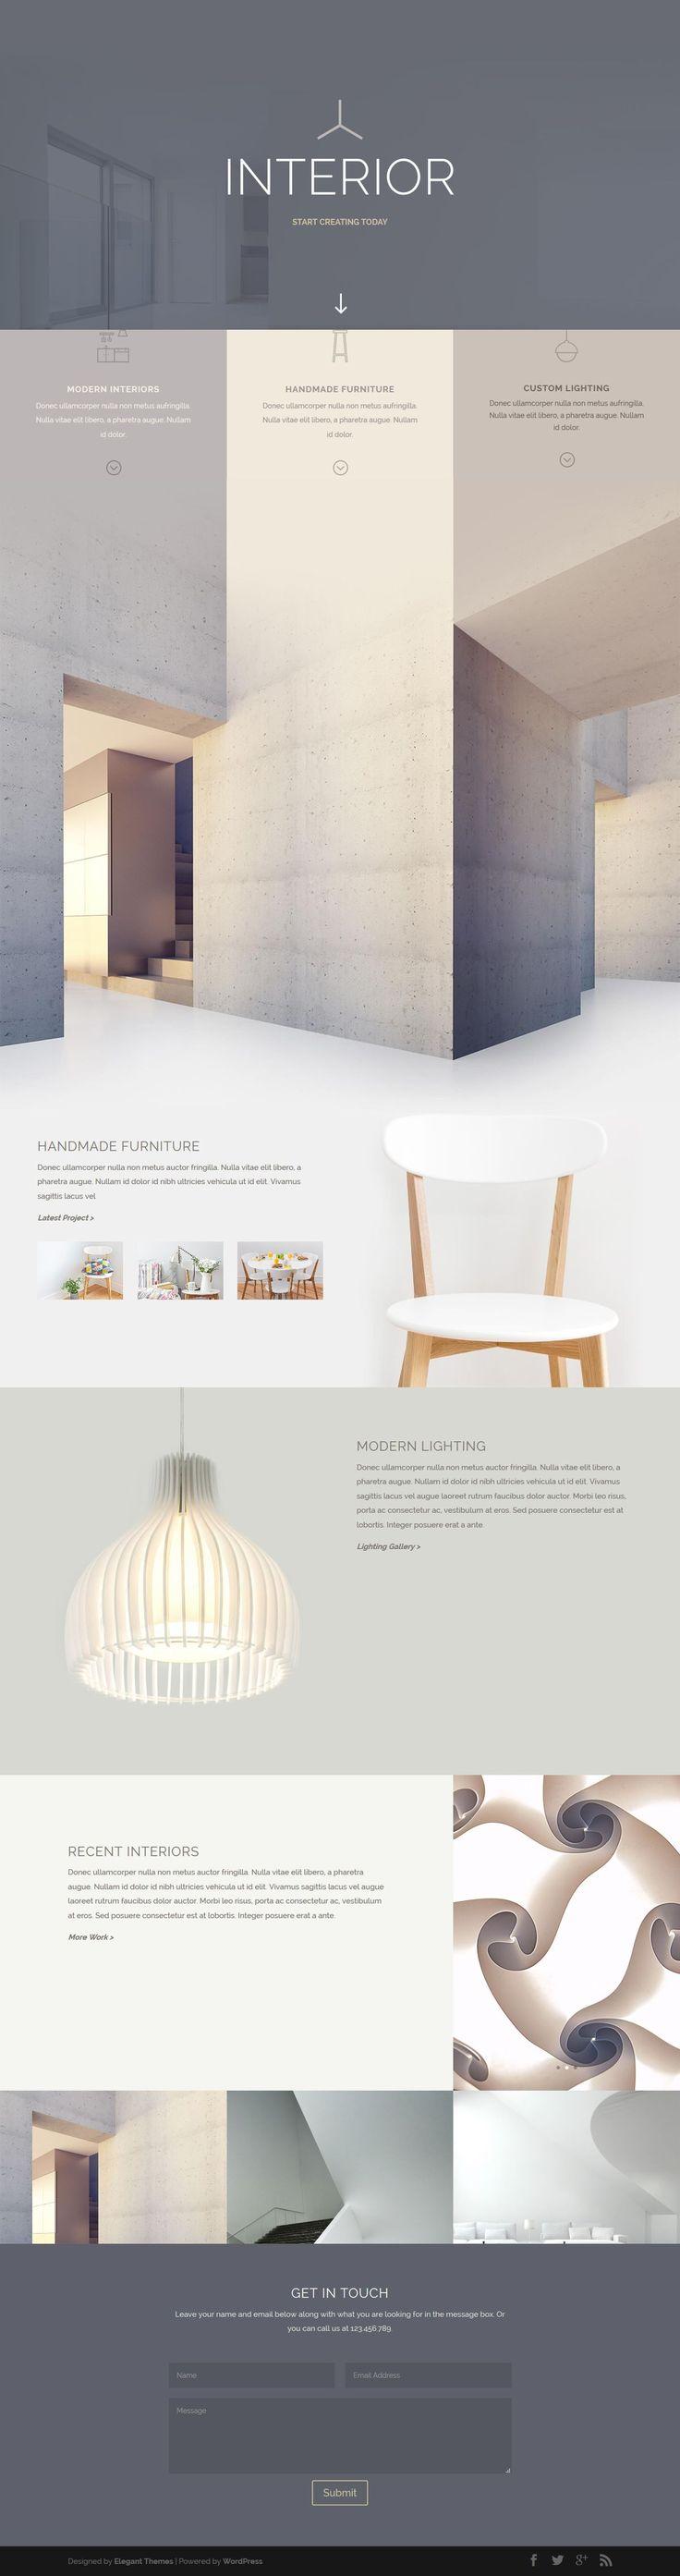 furniture design websites 60 interior. Premium Photography Wordpress Design - #wordpressdeign #wordpressthemes #wordpresstemplates. Interior WebsiteInterior Furniture Websites 60